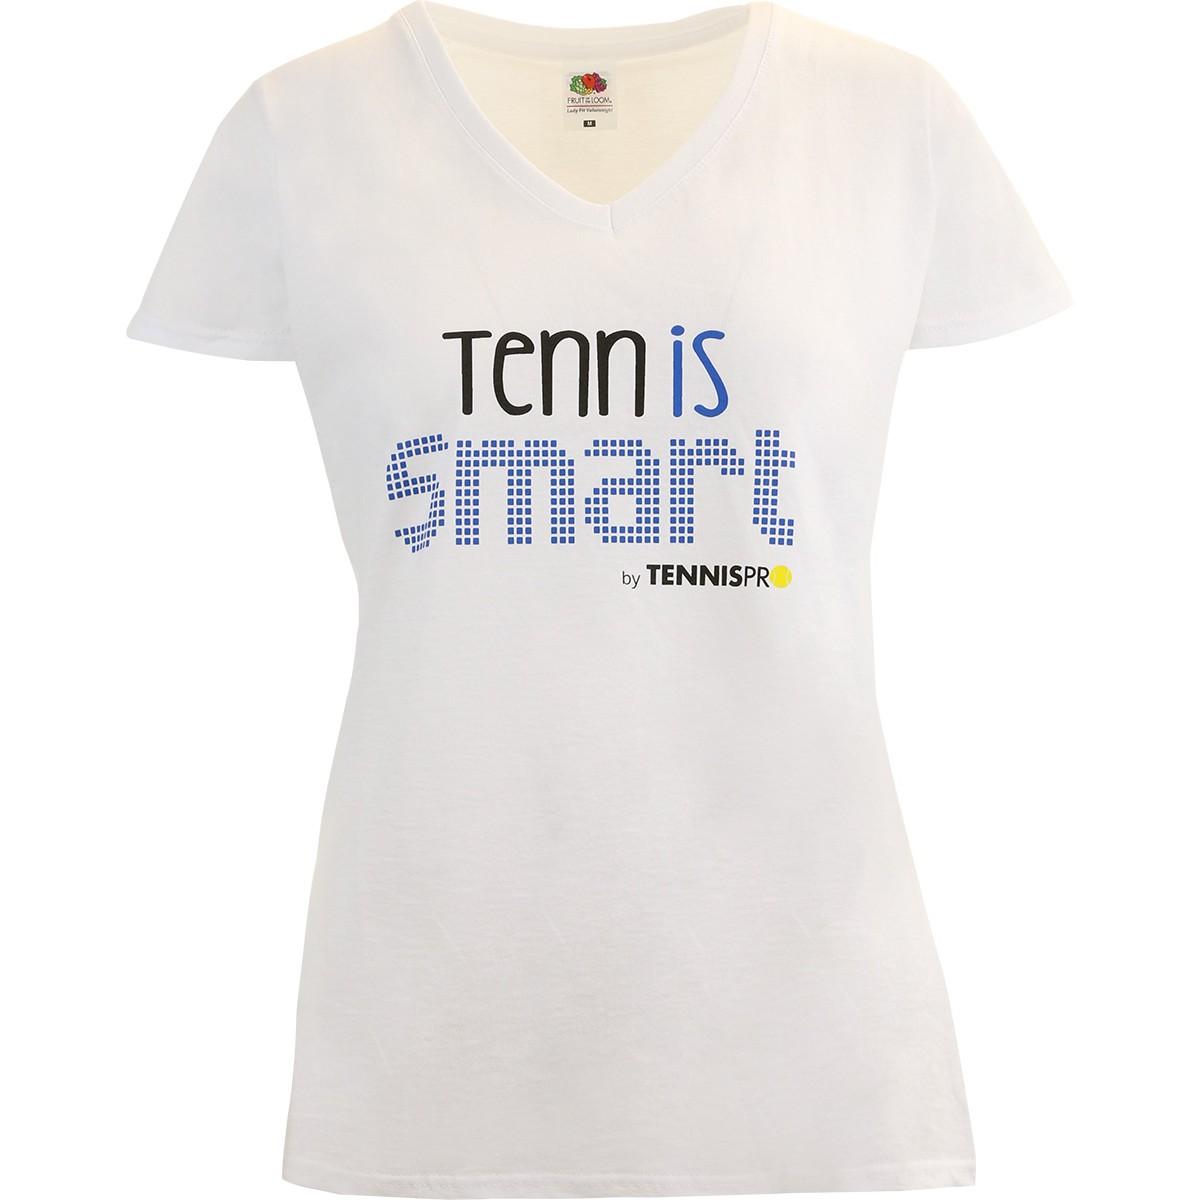 WOMEN'S TENNISPRO SMART T-SHIRT